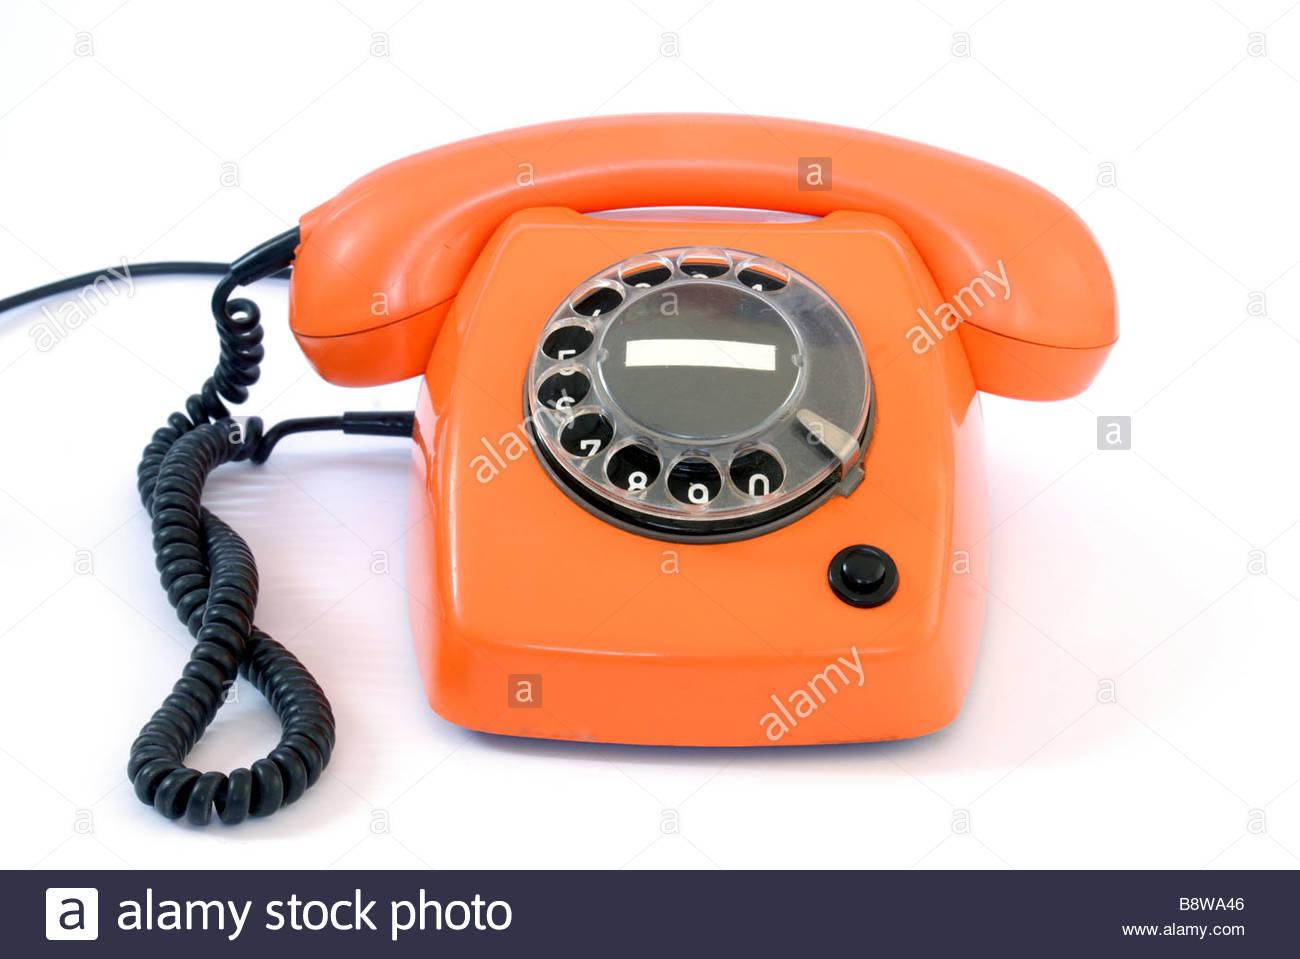 Orange 1970's style telephone on a white background. - Stock Image